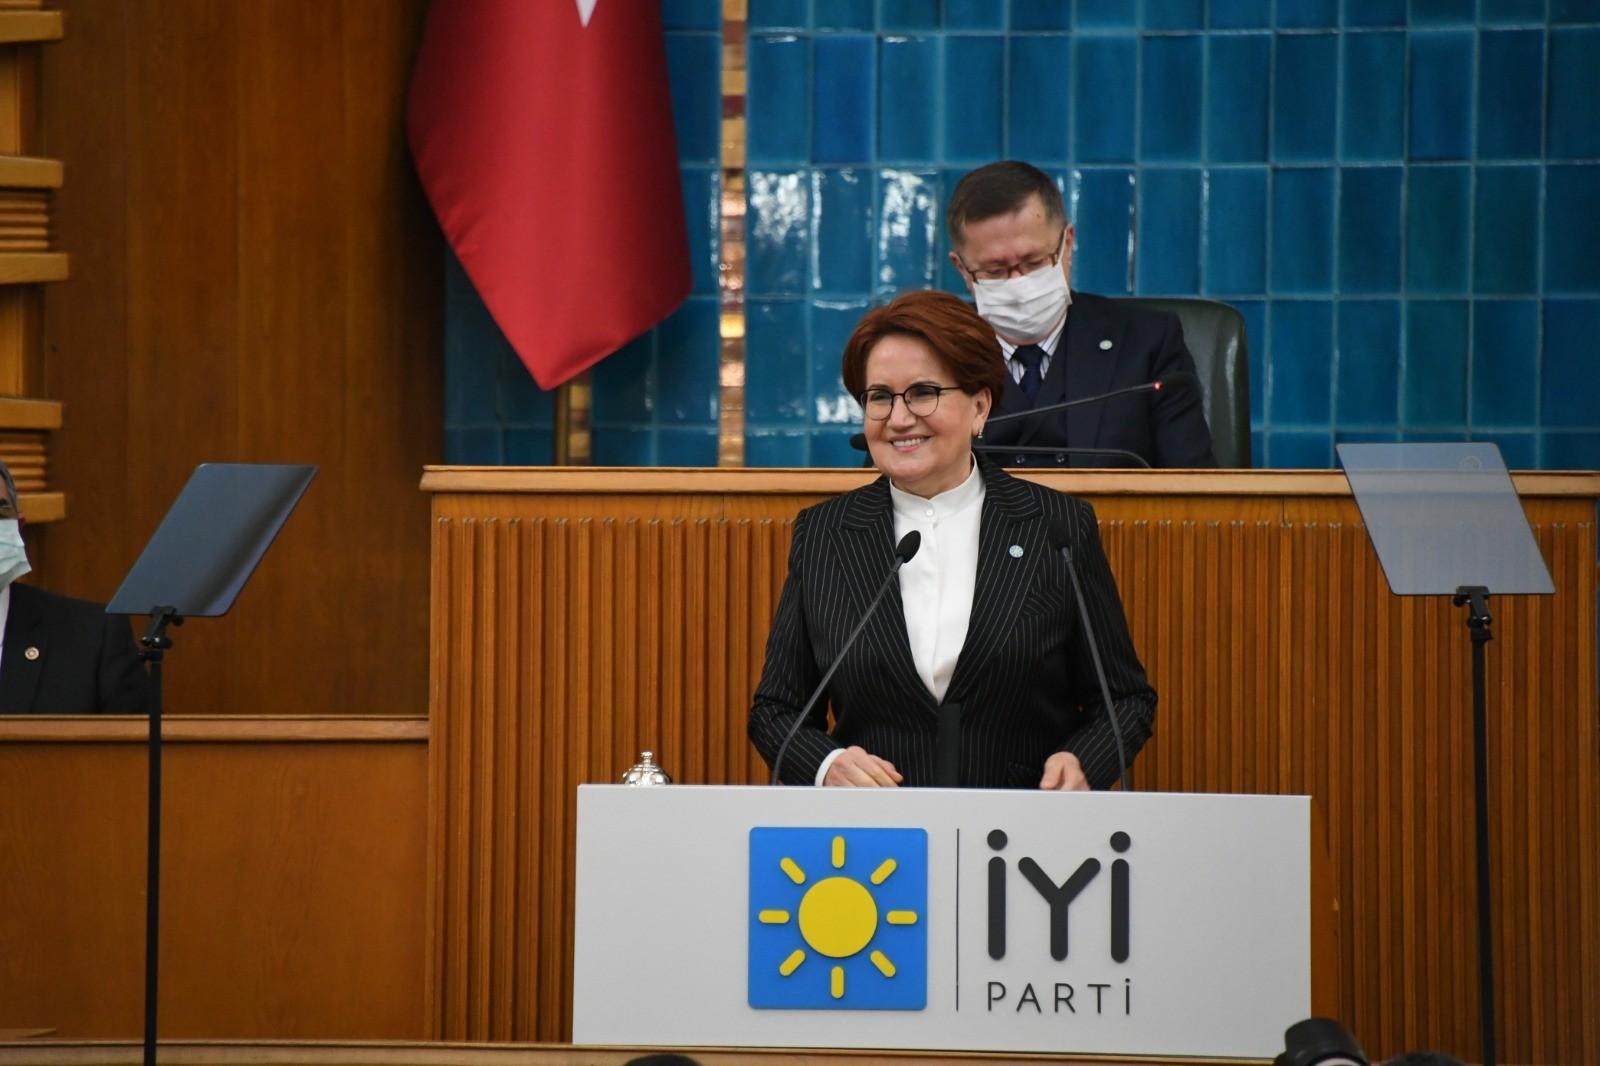 İYİ Parti Genel Başkanı Akşener'den Miçotakis'in Sözlerine Tepki